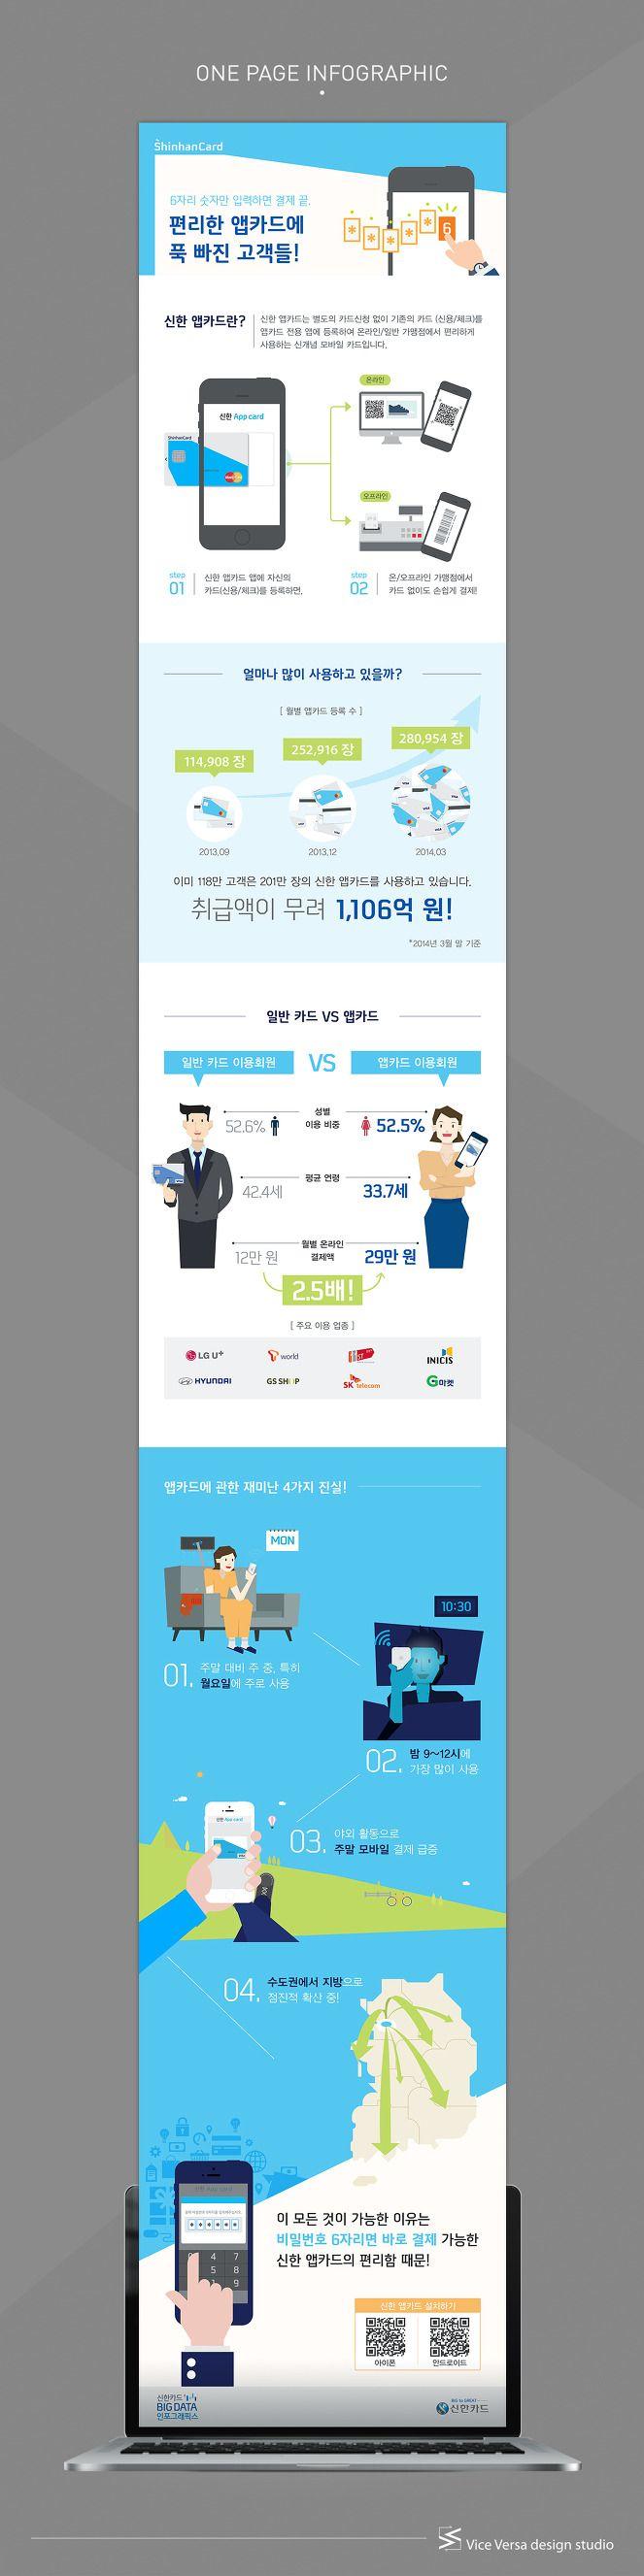 [인포그래픽] 신한 앱카드에 관한 인포그래픽